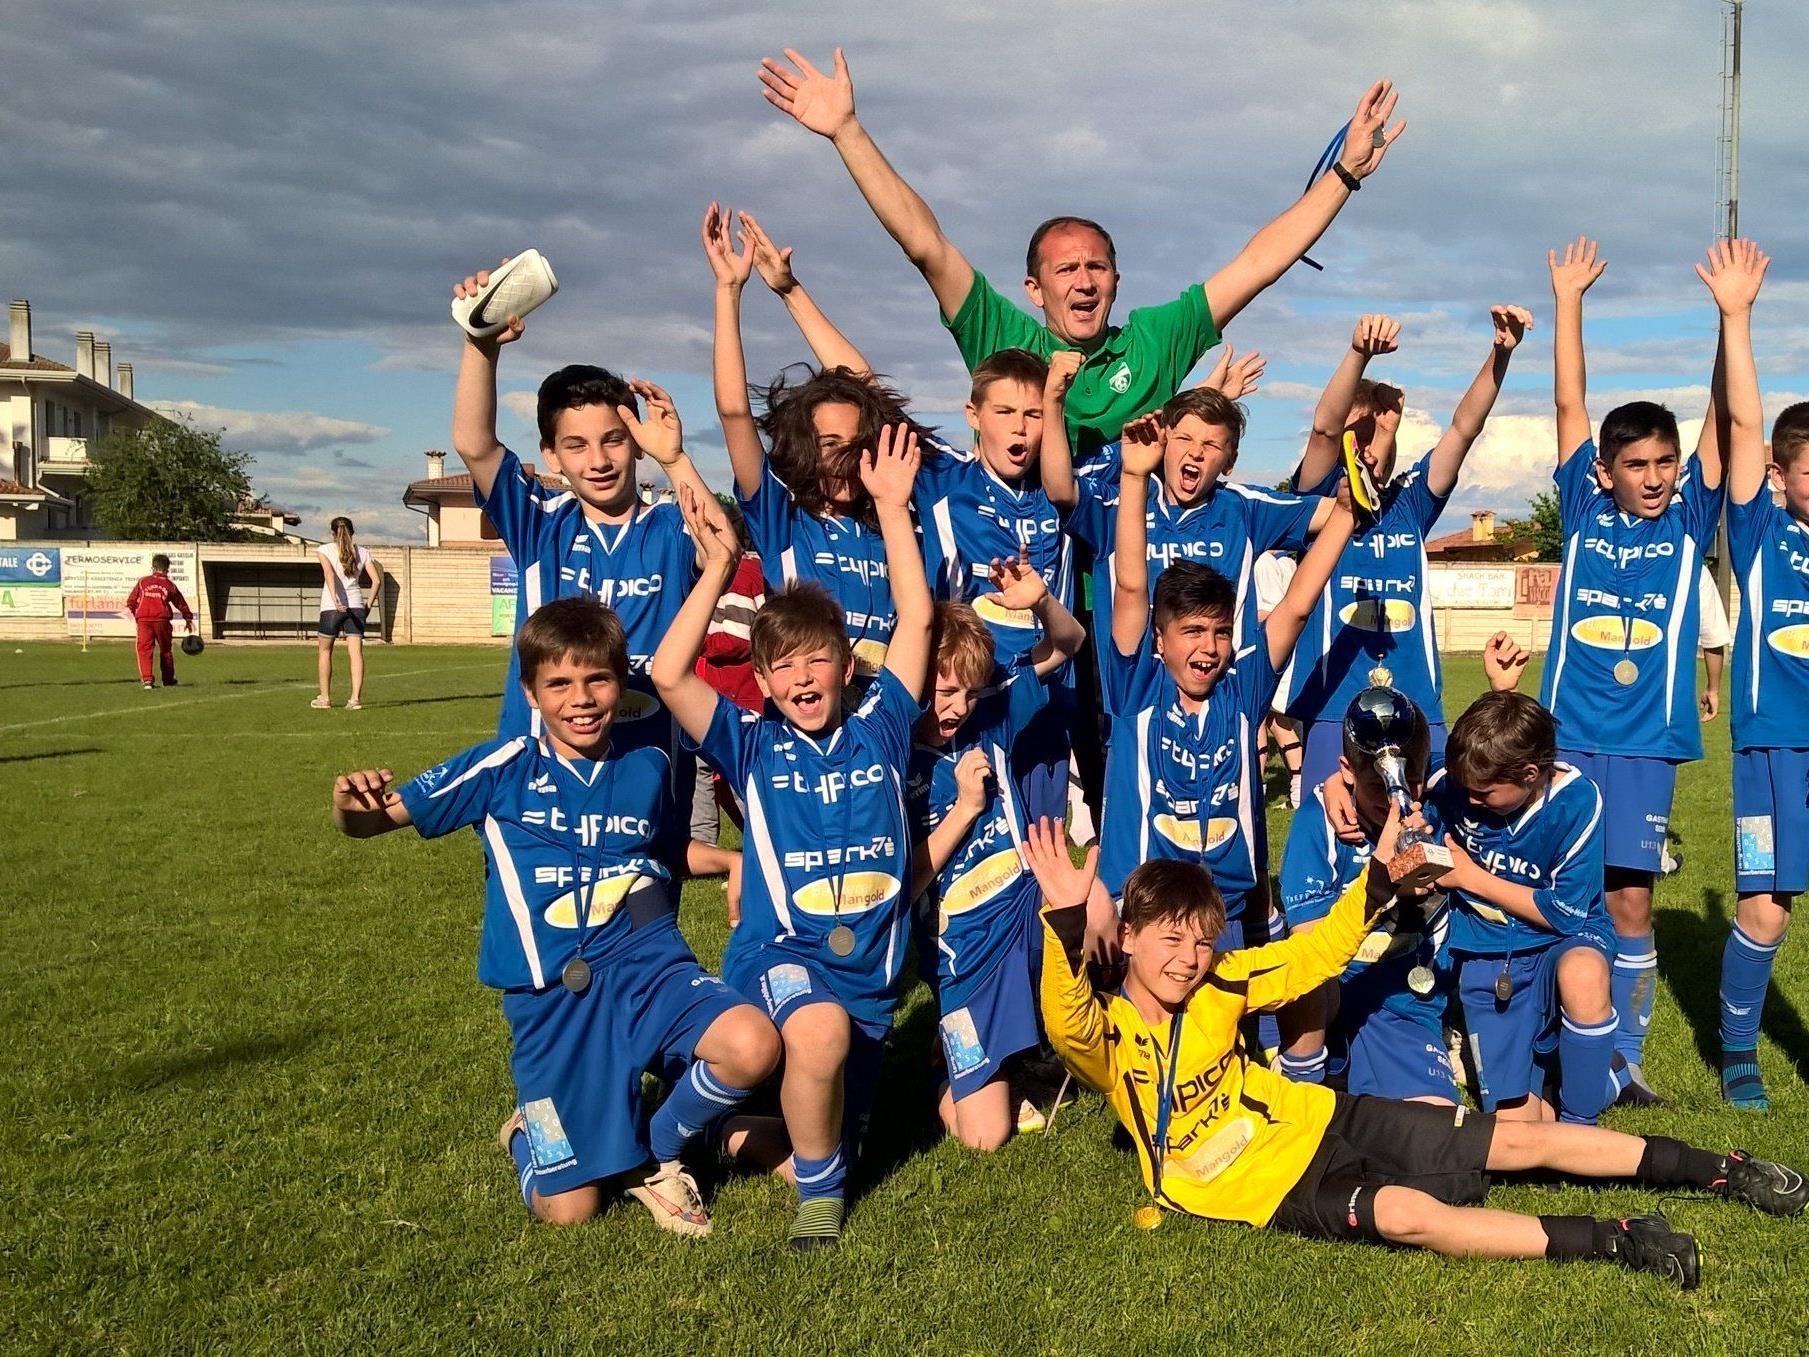 Turniersieg in Italien für das U 12 Nachwuchsteam des SV Typico Lochau mit Trainer Vladan Jeremic.